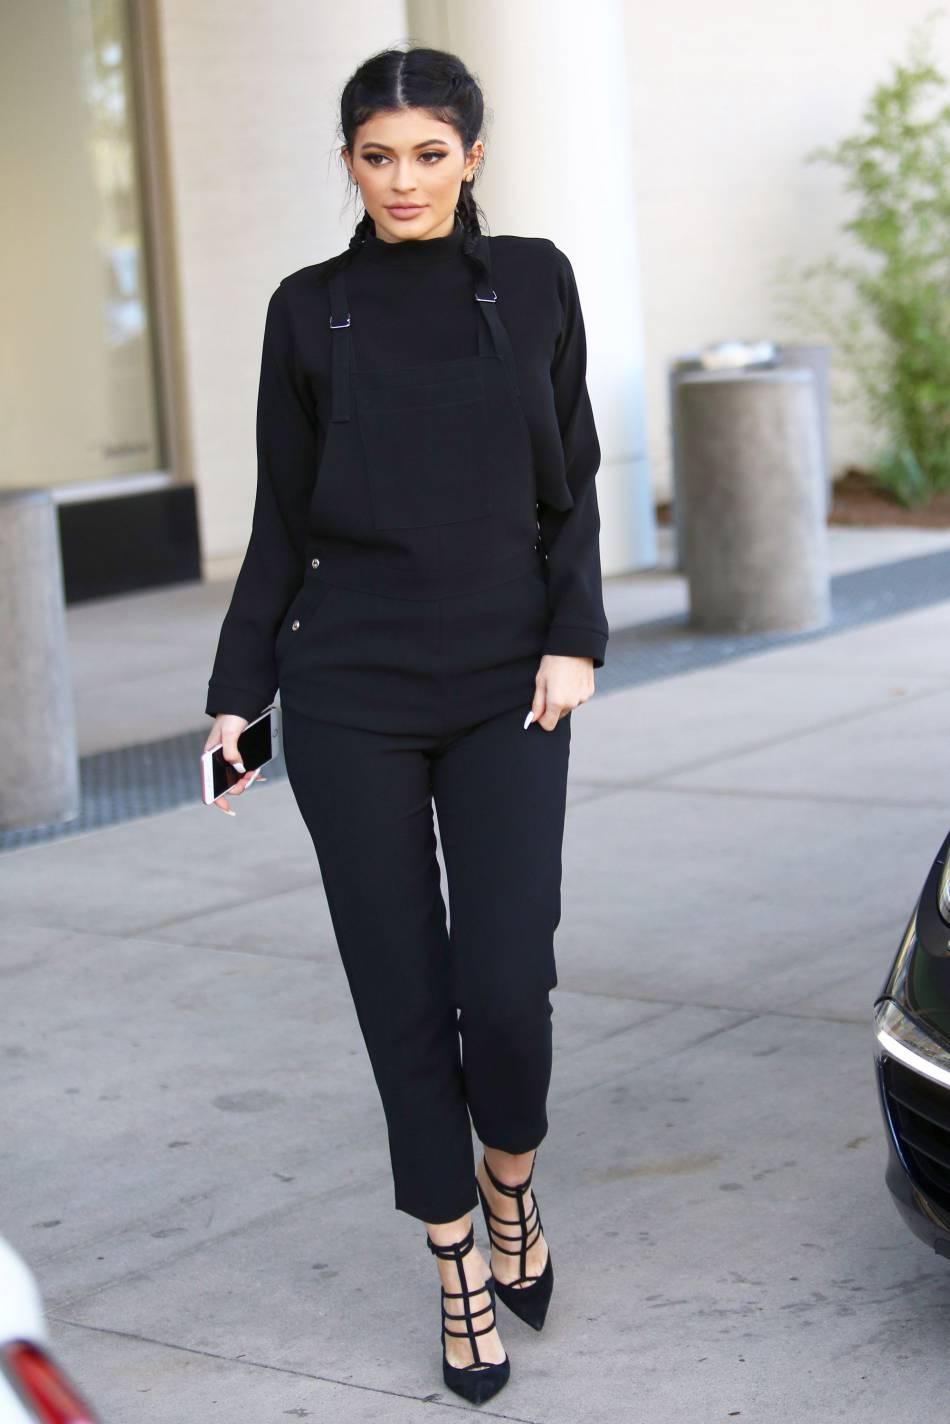 Kylie Jenner opte parfois pour le look total look noir.